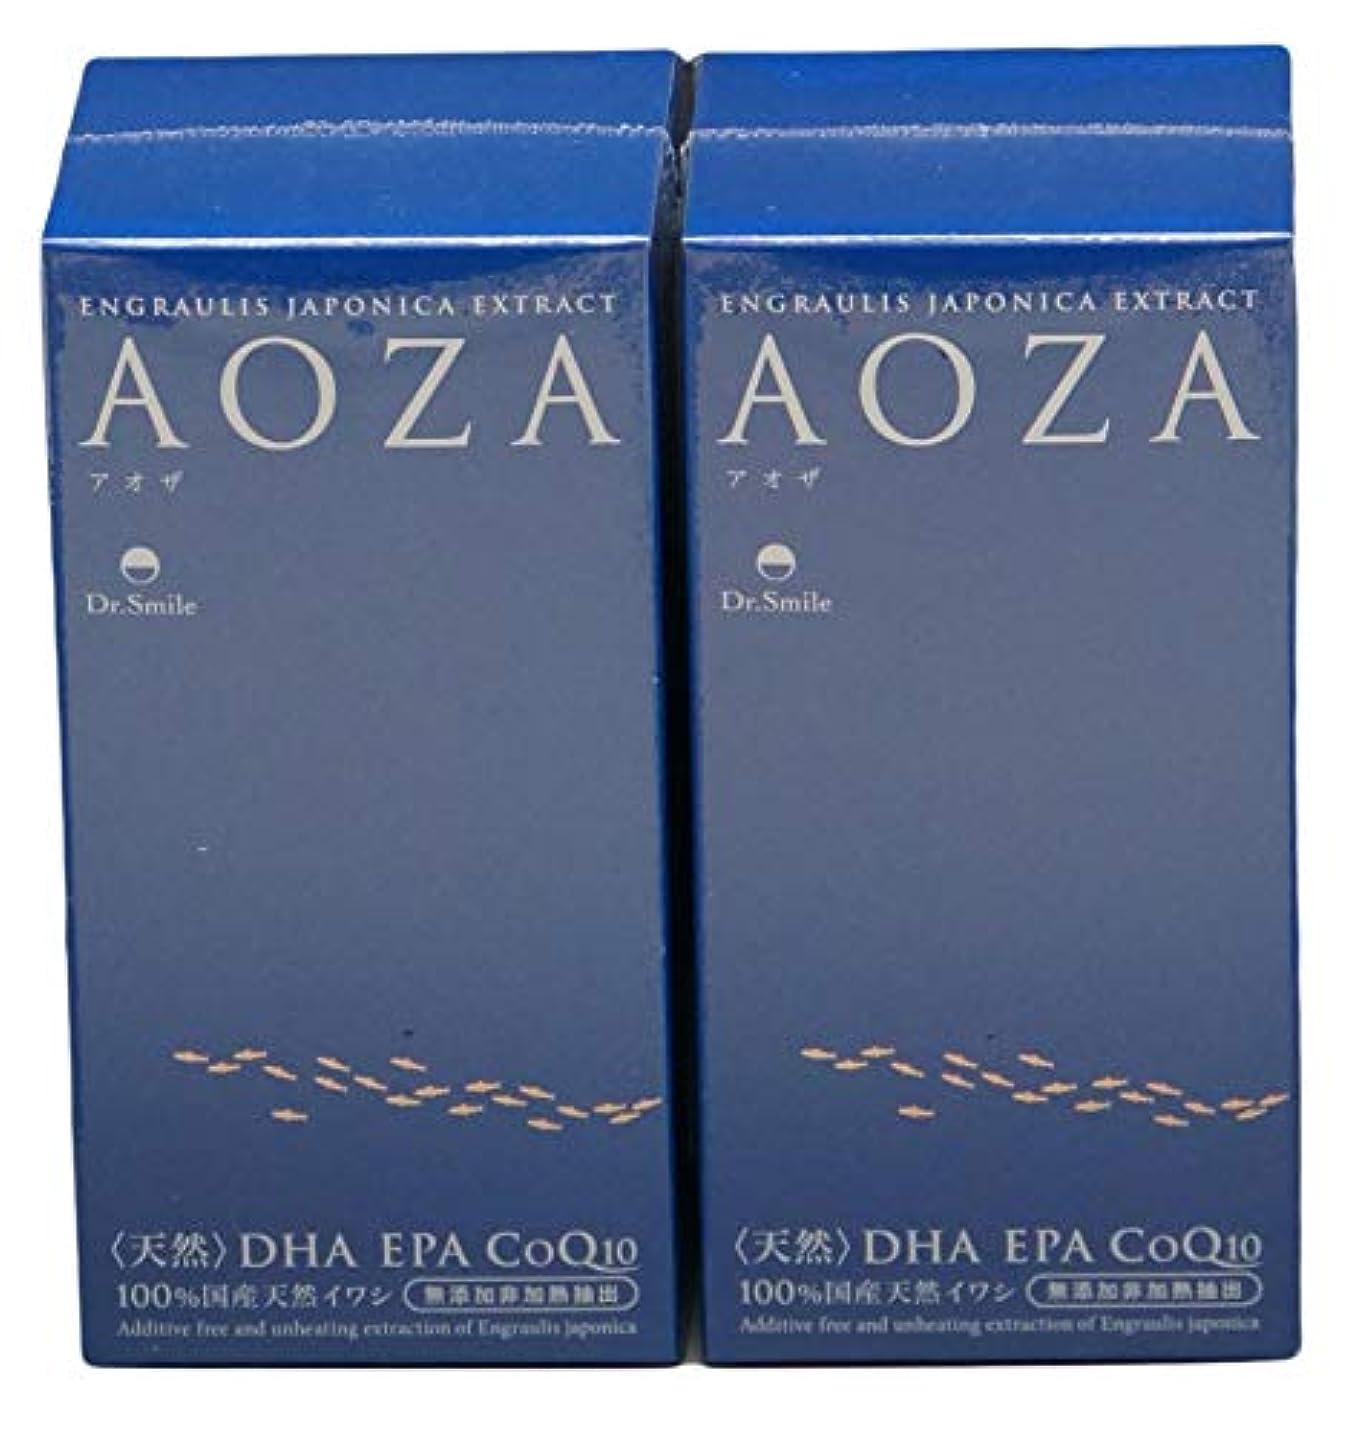 干渉する相対性理論管理者AOZA - アオザ300粒 2個セット ドクタースマイル オメガ3(DHA?EPA?コエンザイムQ10)含有サプリメント